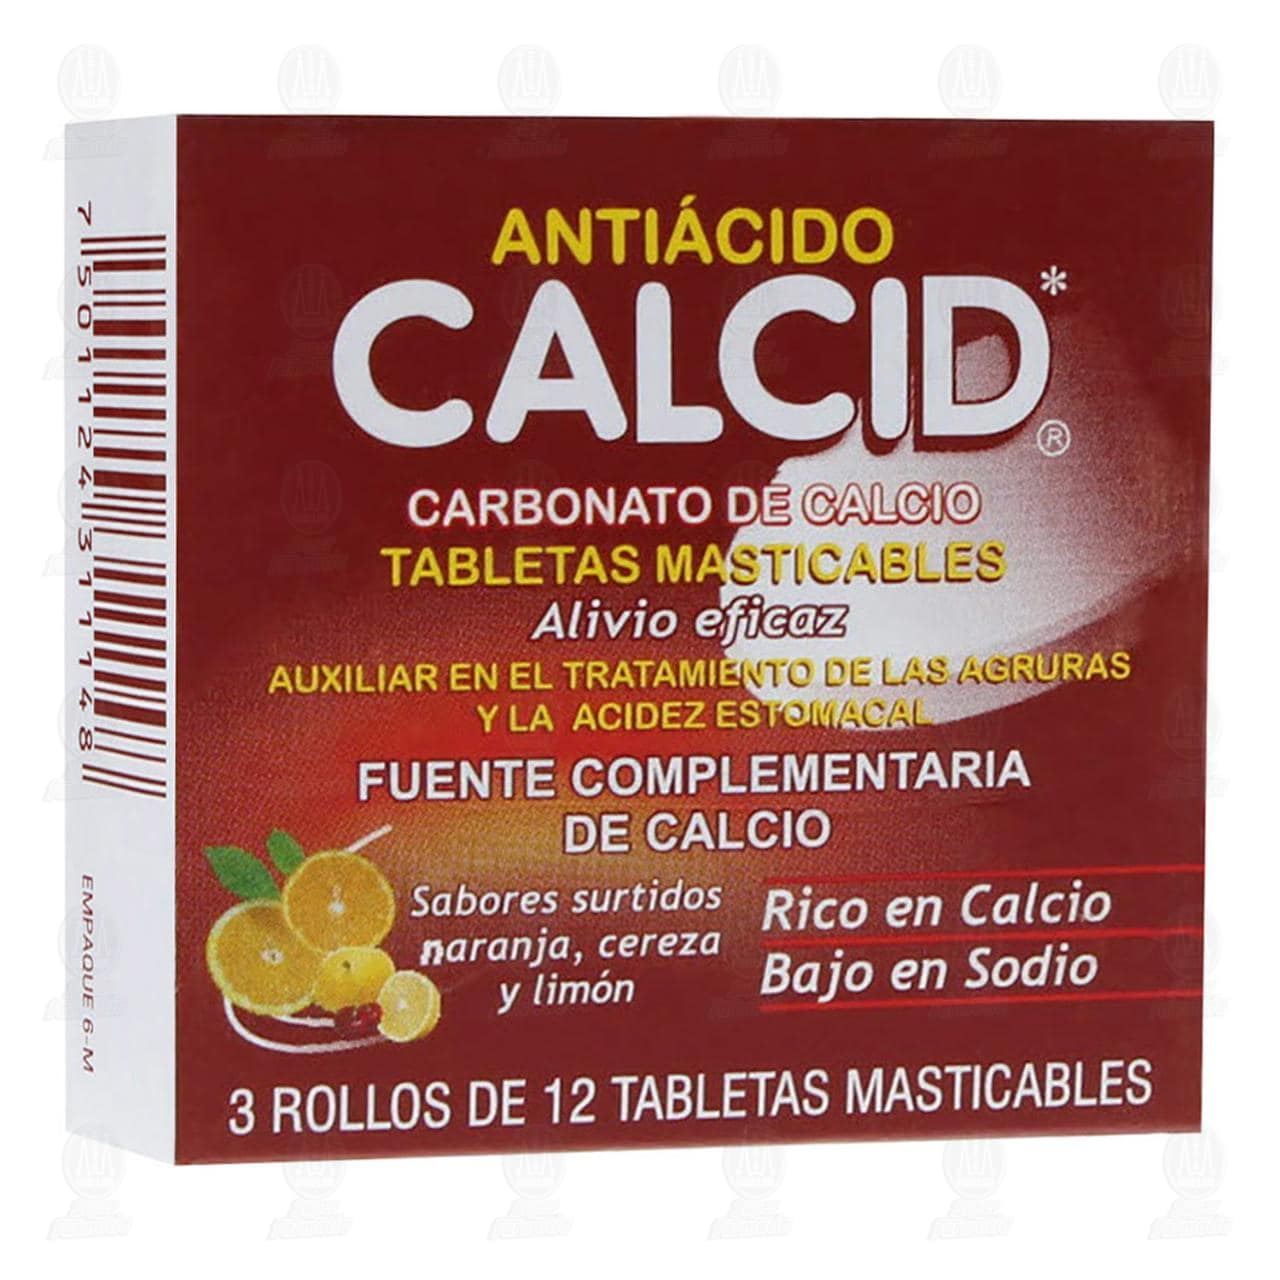 Comprar Calcid Sabores Surtidos 3 Rollos 12 Tabletas en Farmacias Guadalajara